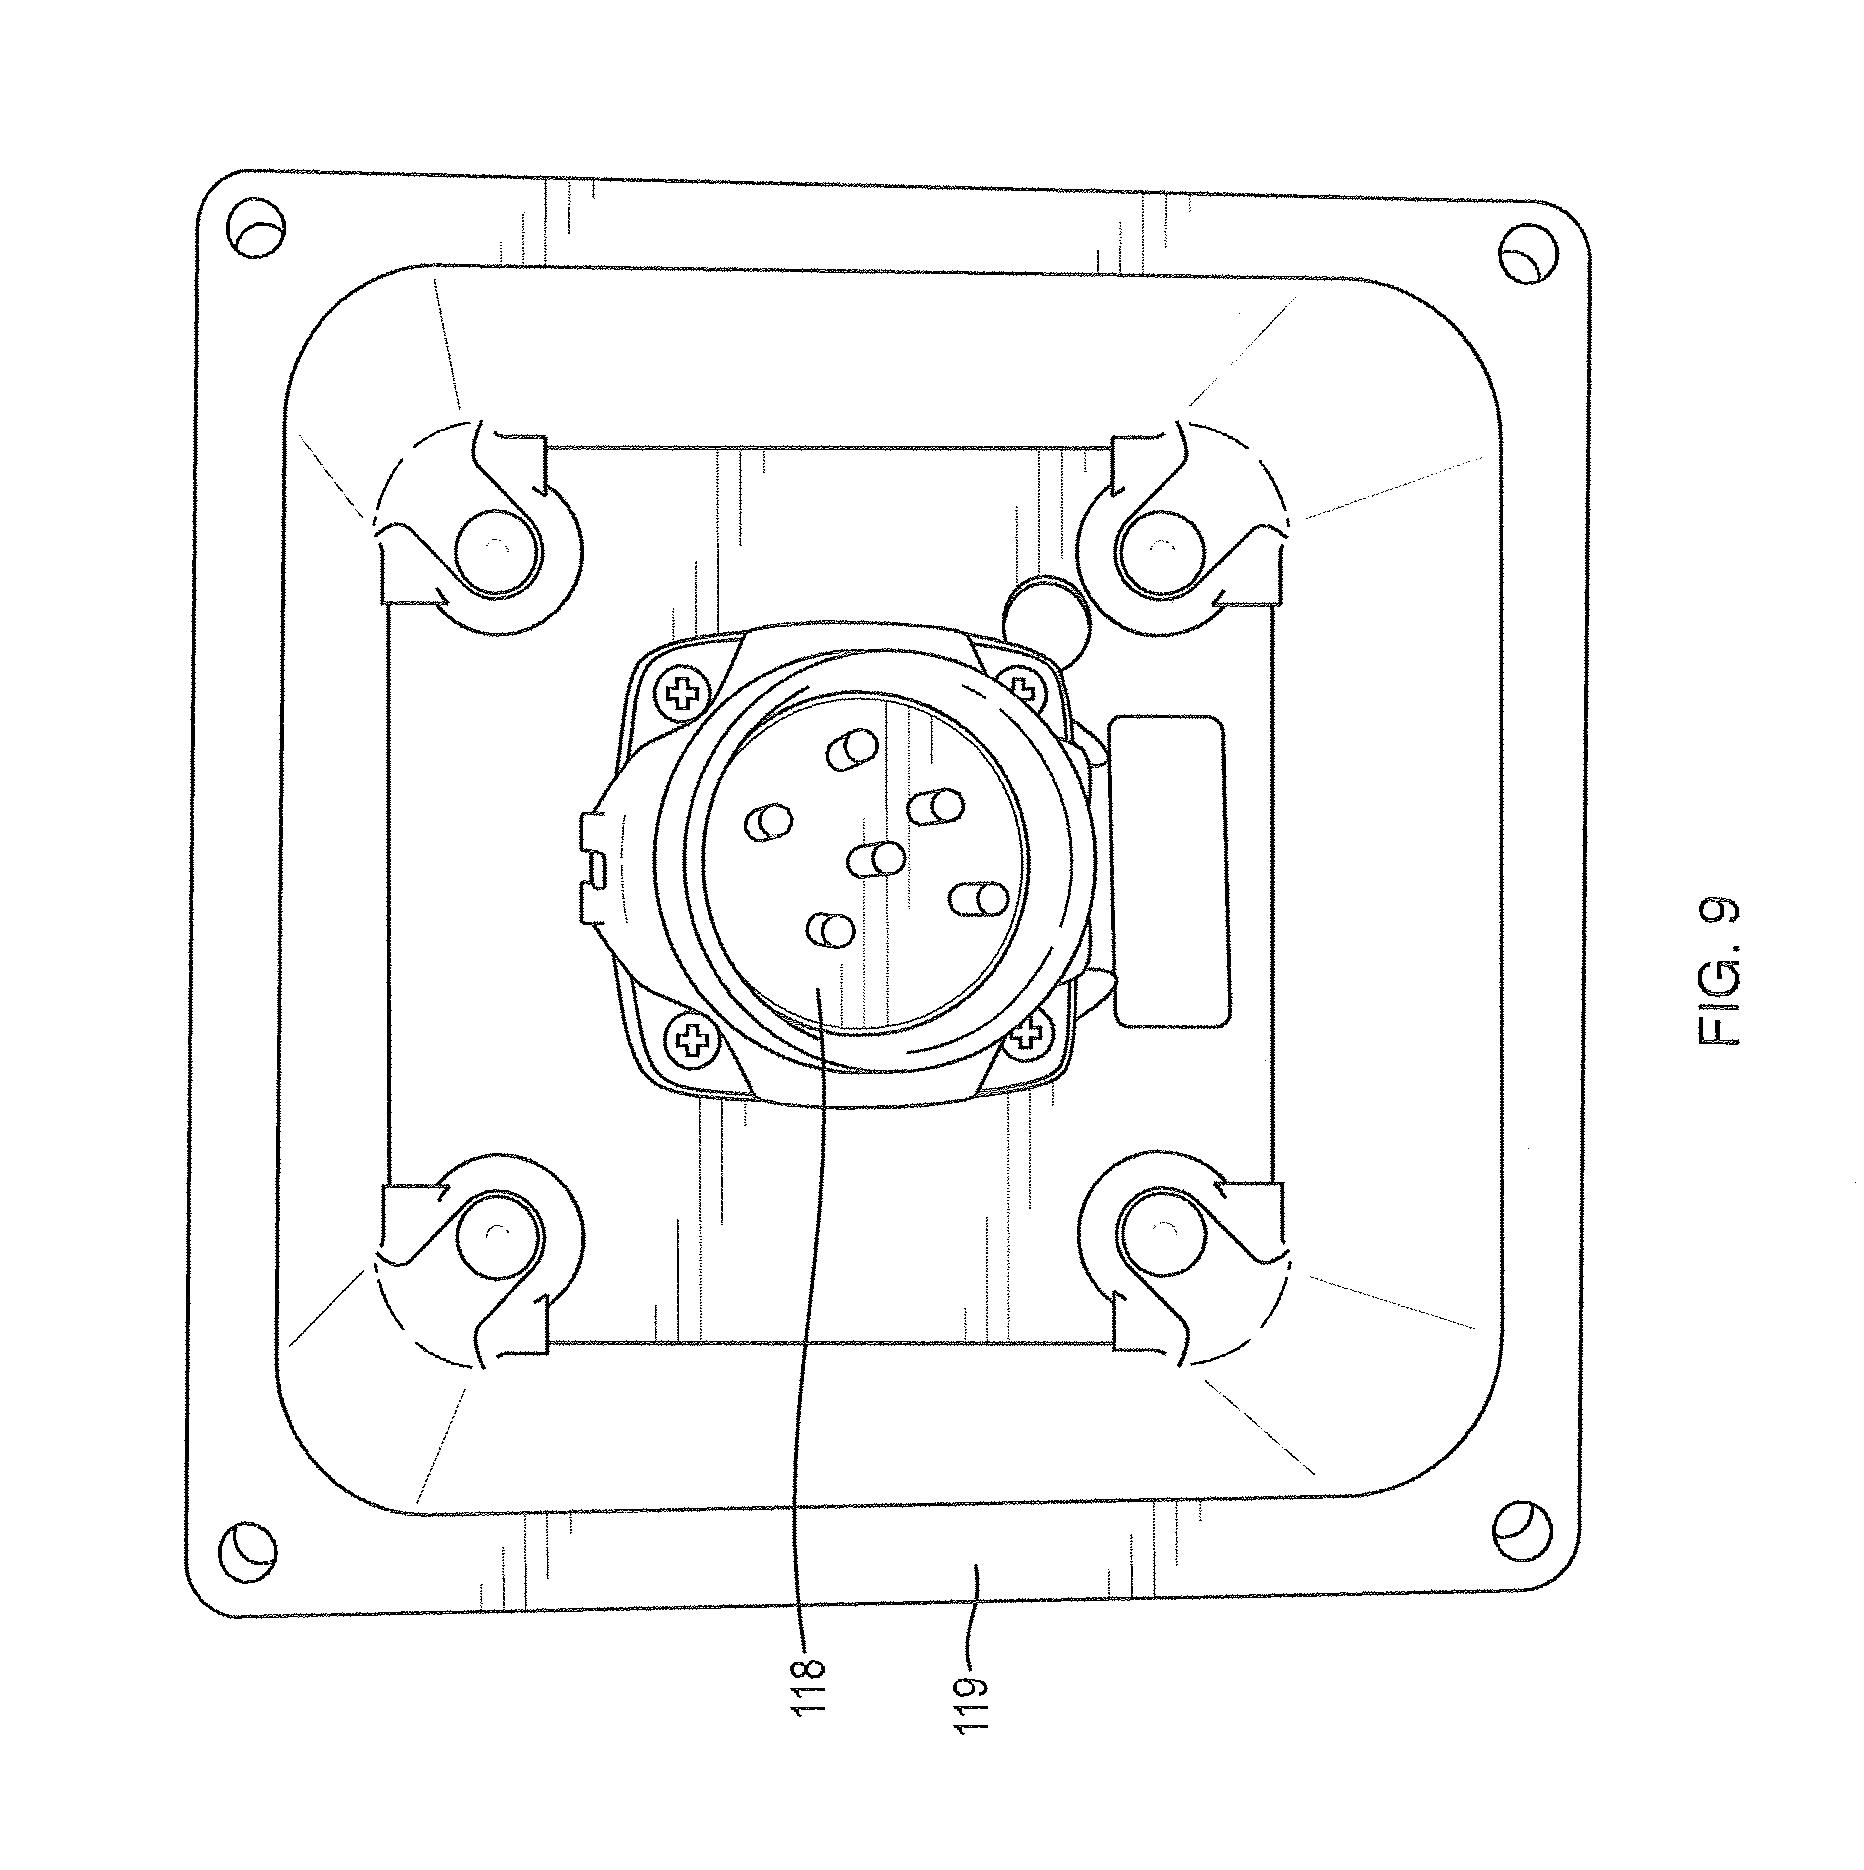 Instructions tarp switch wiring diagram tarp free image wiring wiring diagram